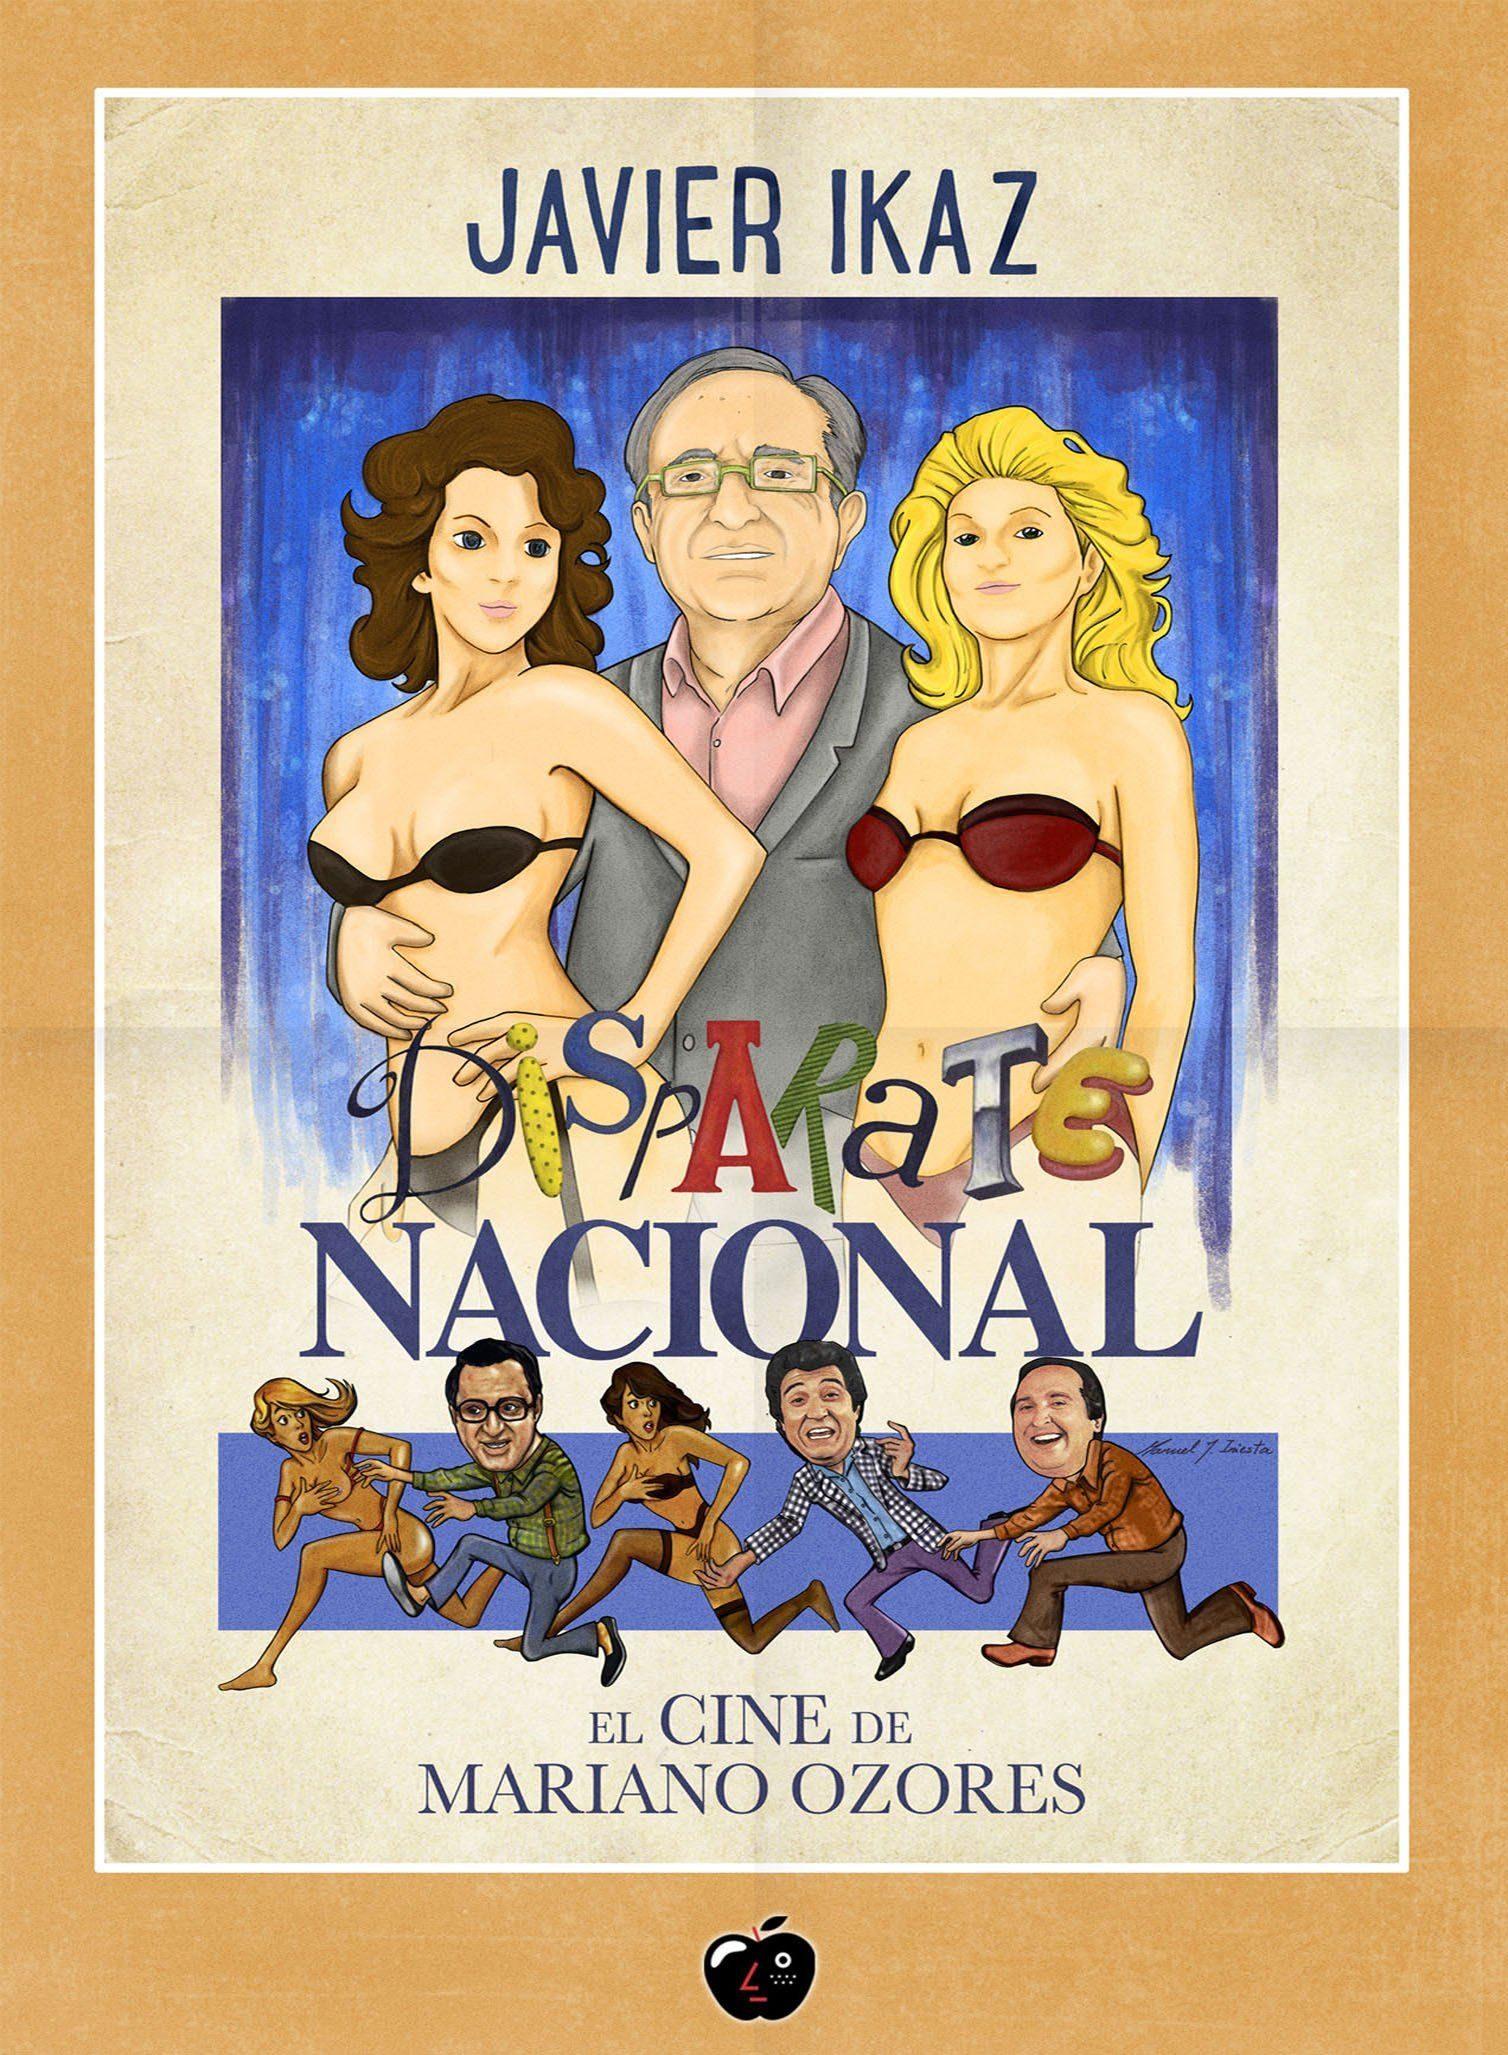 Disparate Nacional: El Cine De Mariano Ozores por Javier Angulo Ikazuriaga